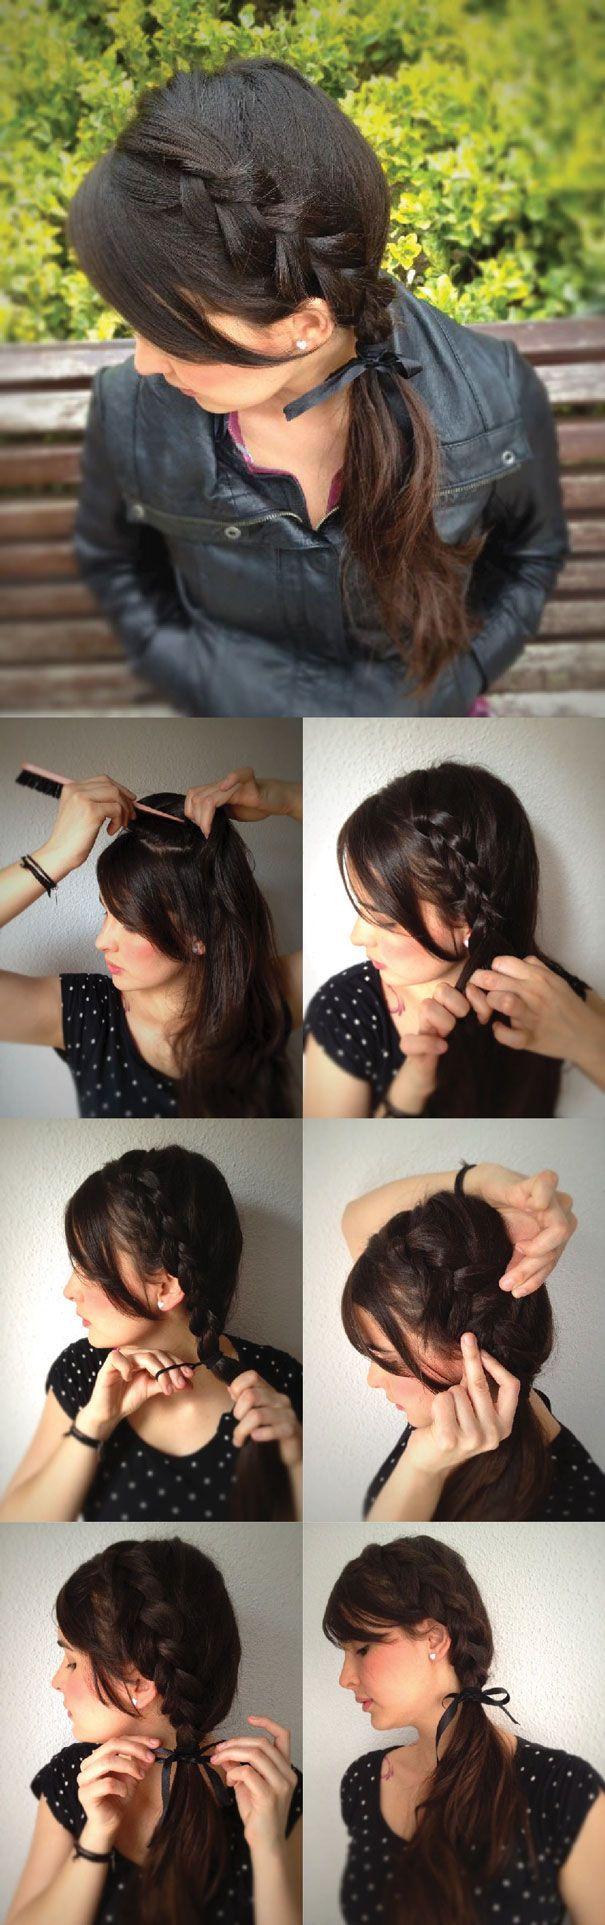 Косы на коротких волосах себе своими руками 4